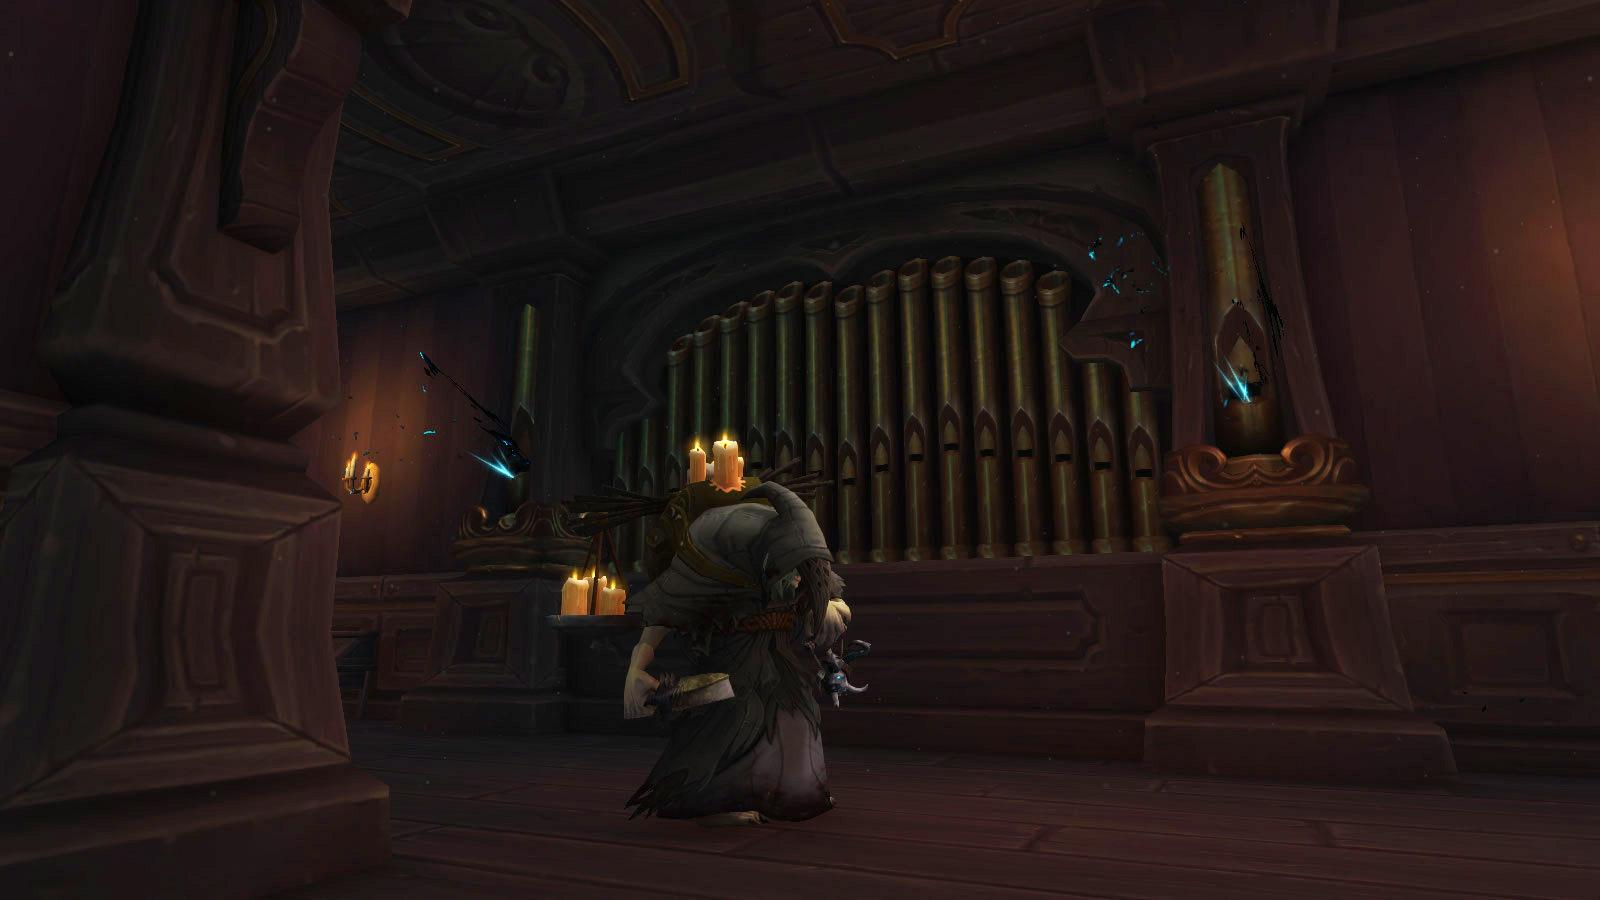 Repérez les orgues qui émettent des lumières étranges